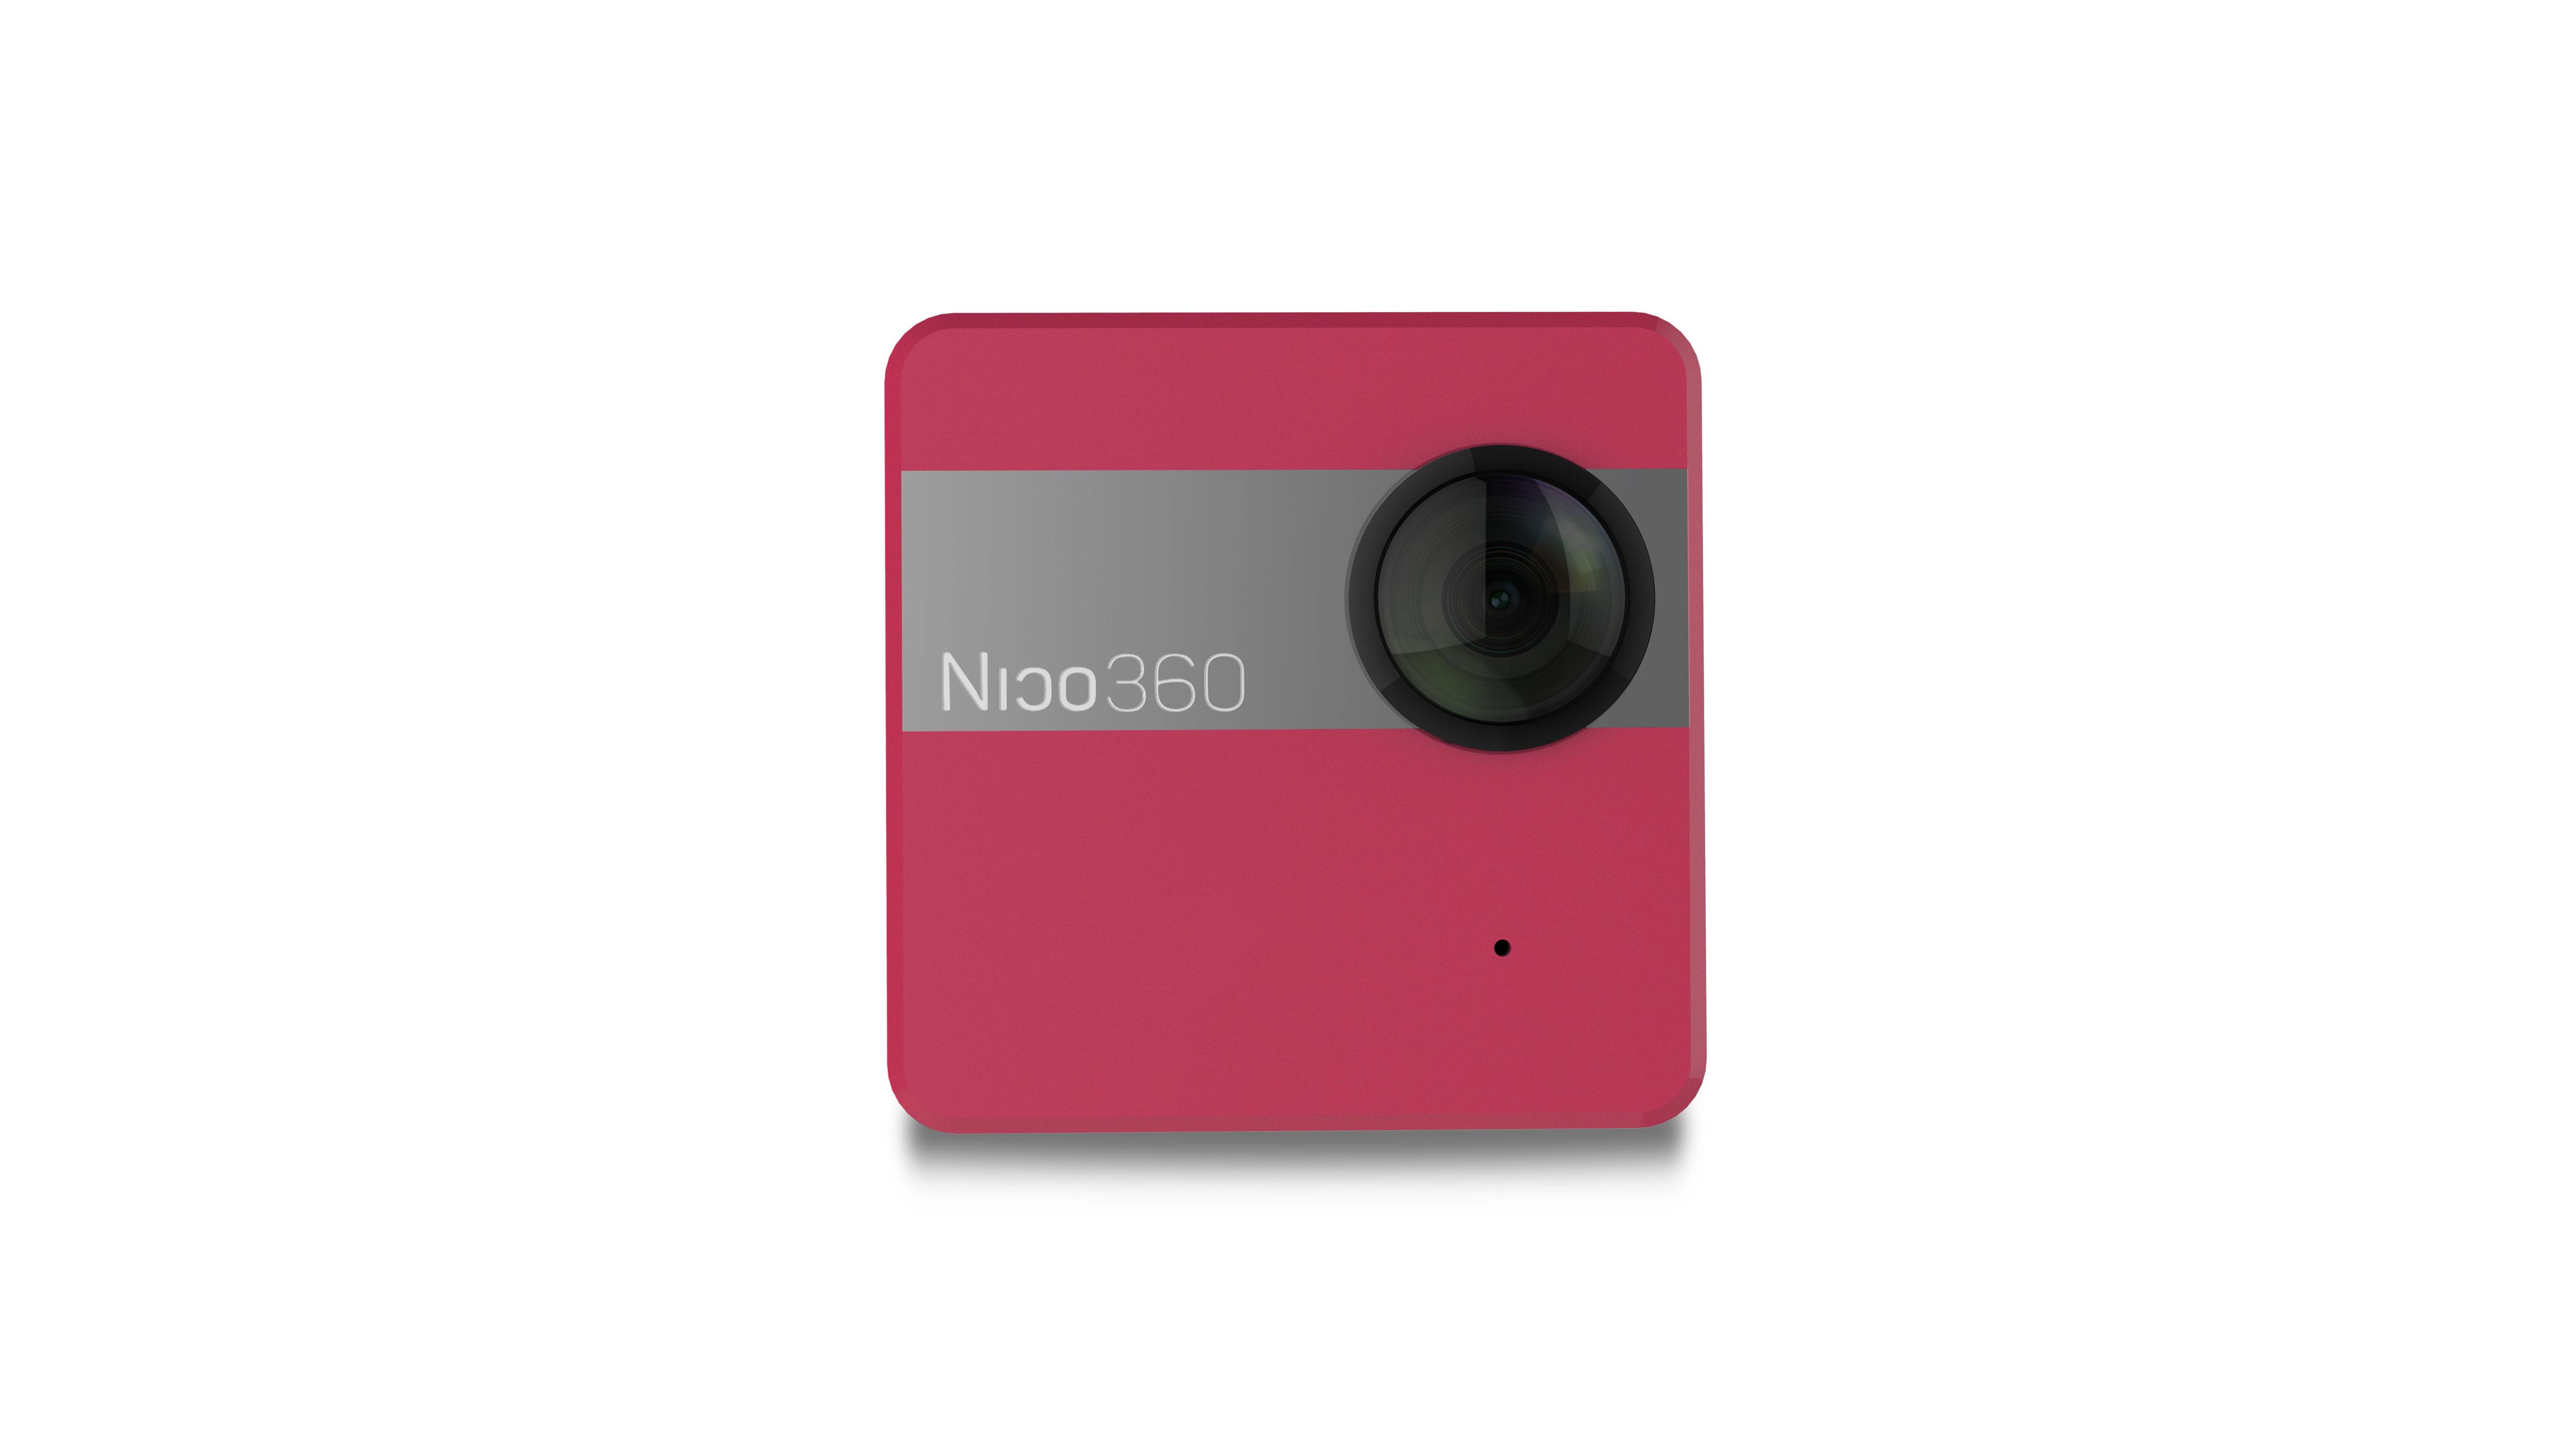 Nico360 - red